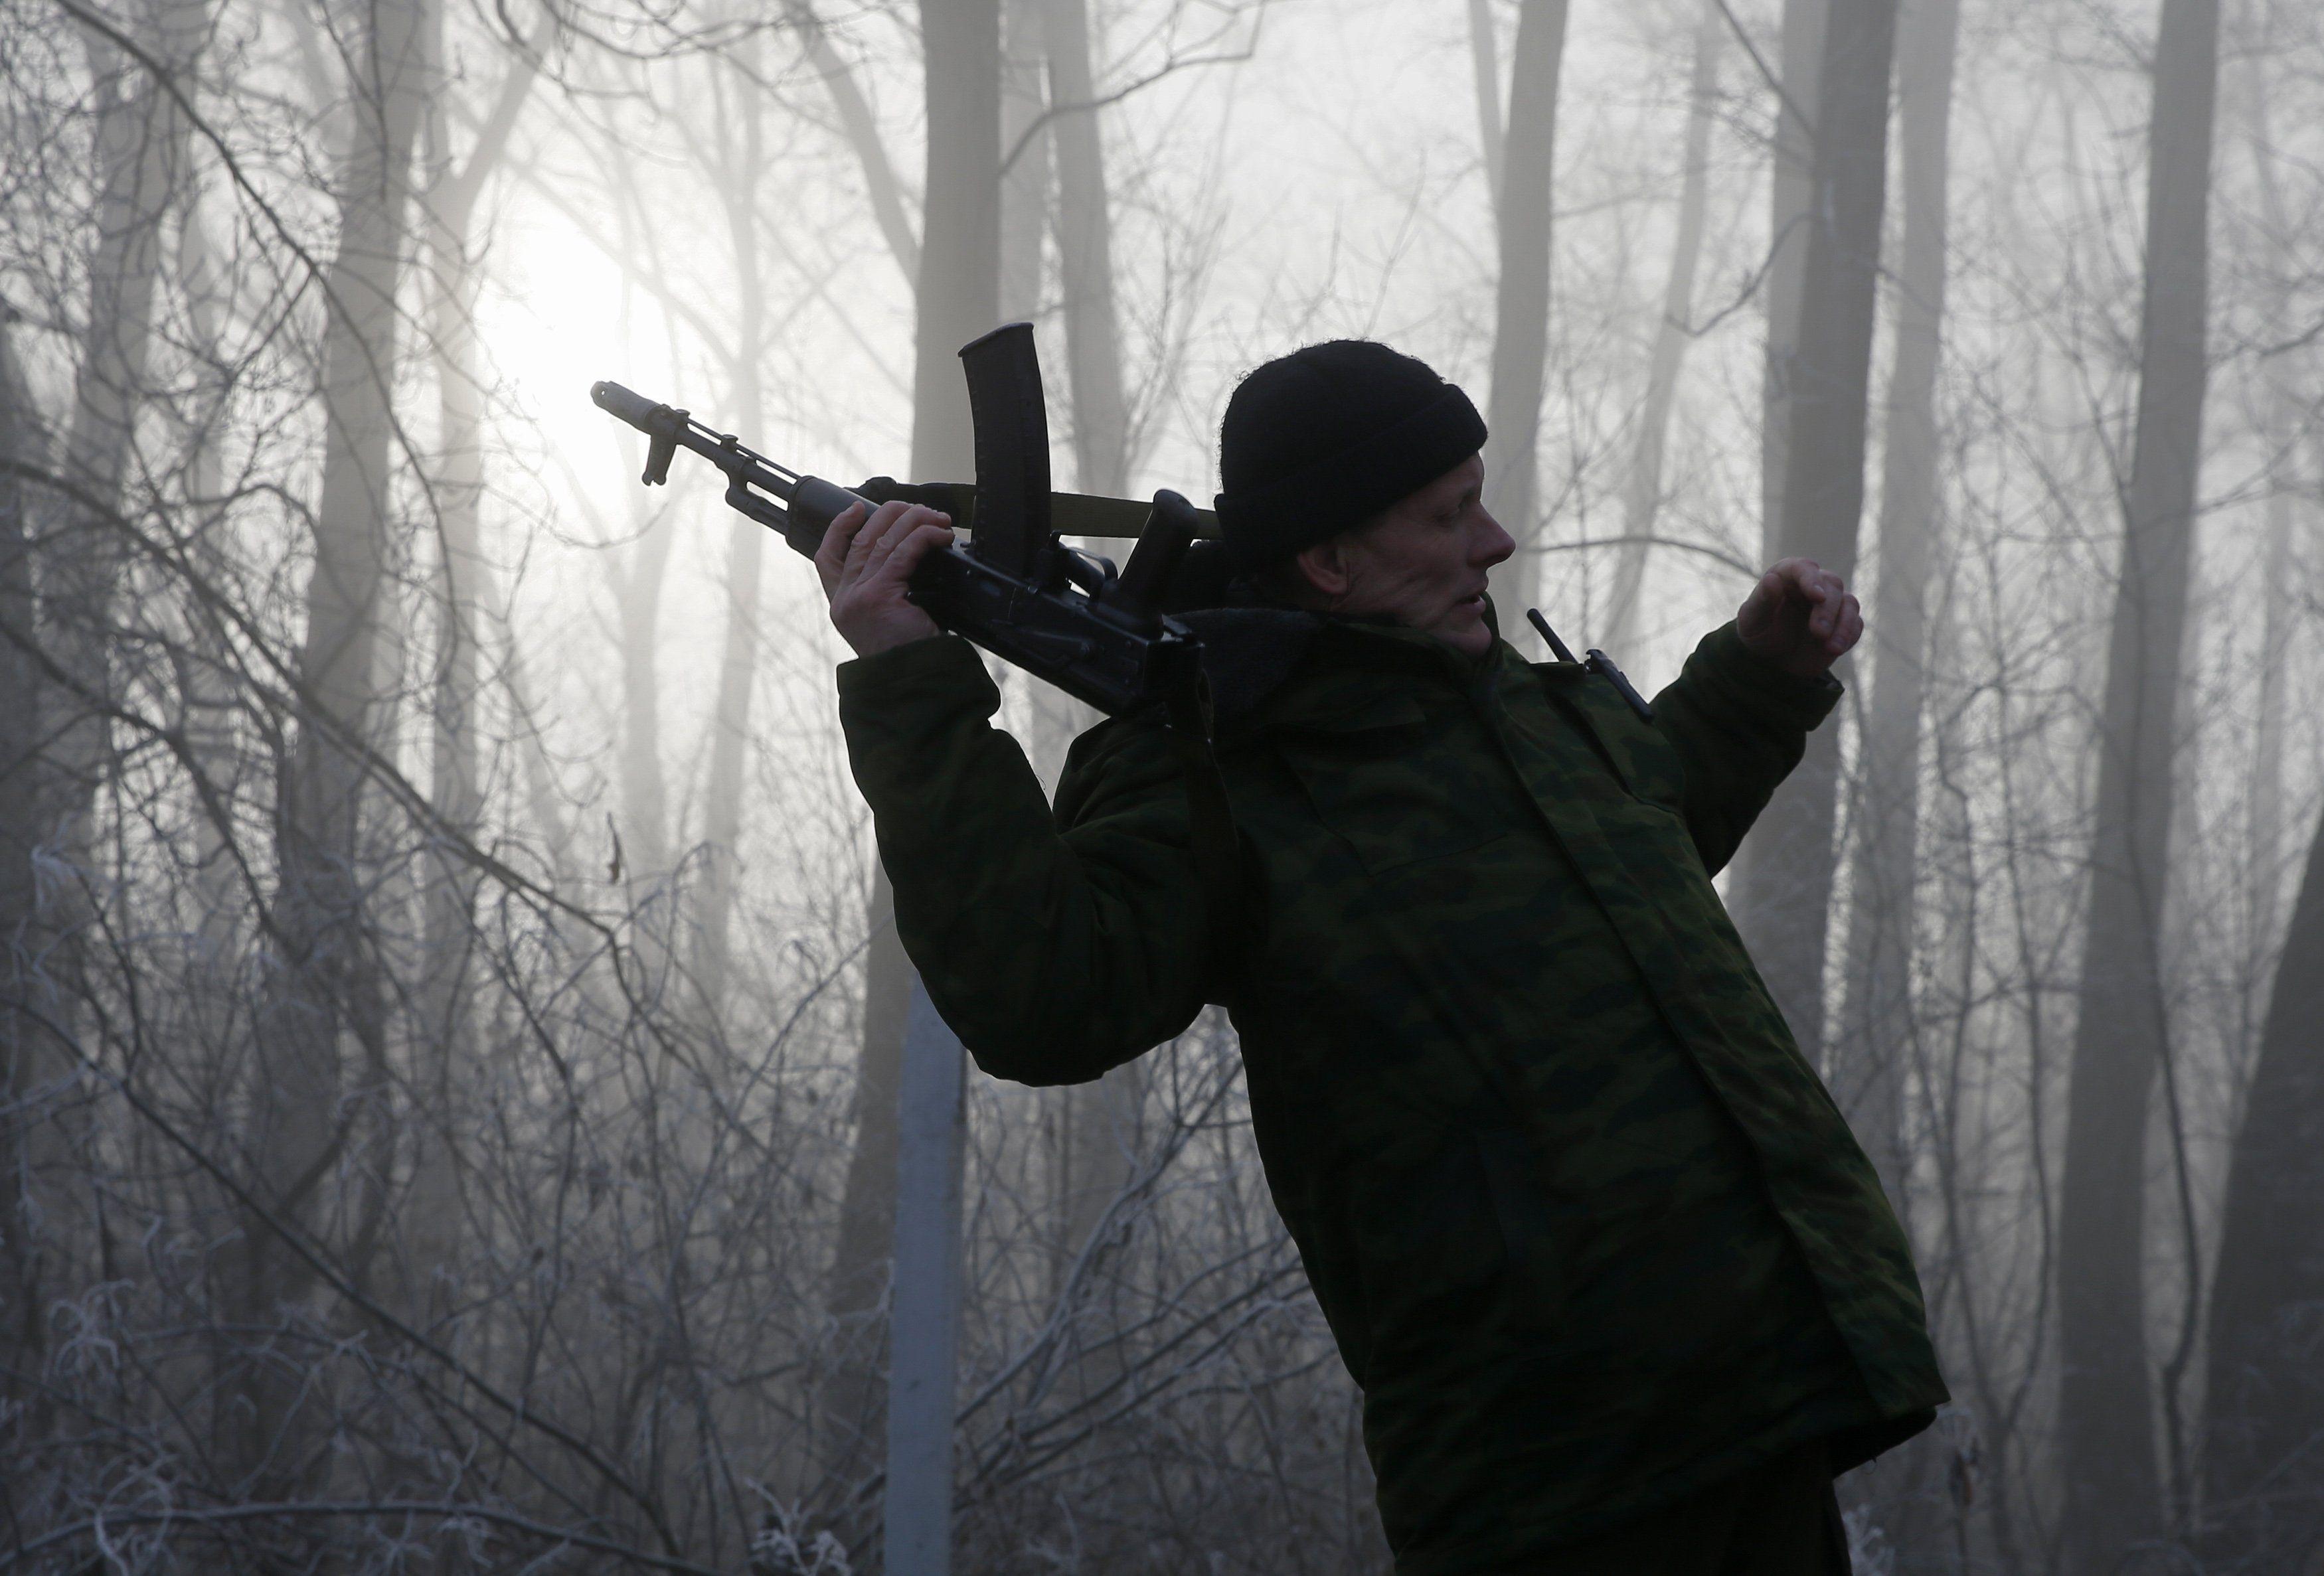 По данным разведки, на Донбассе, в пятницу уничтожены три боевика